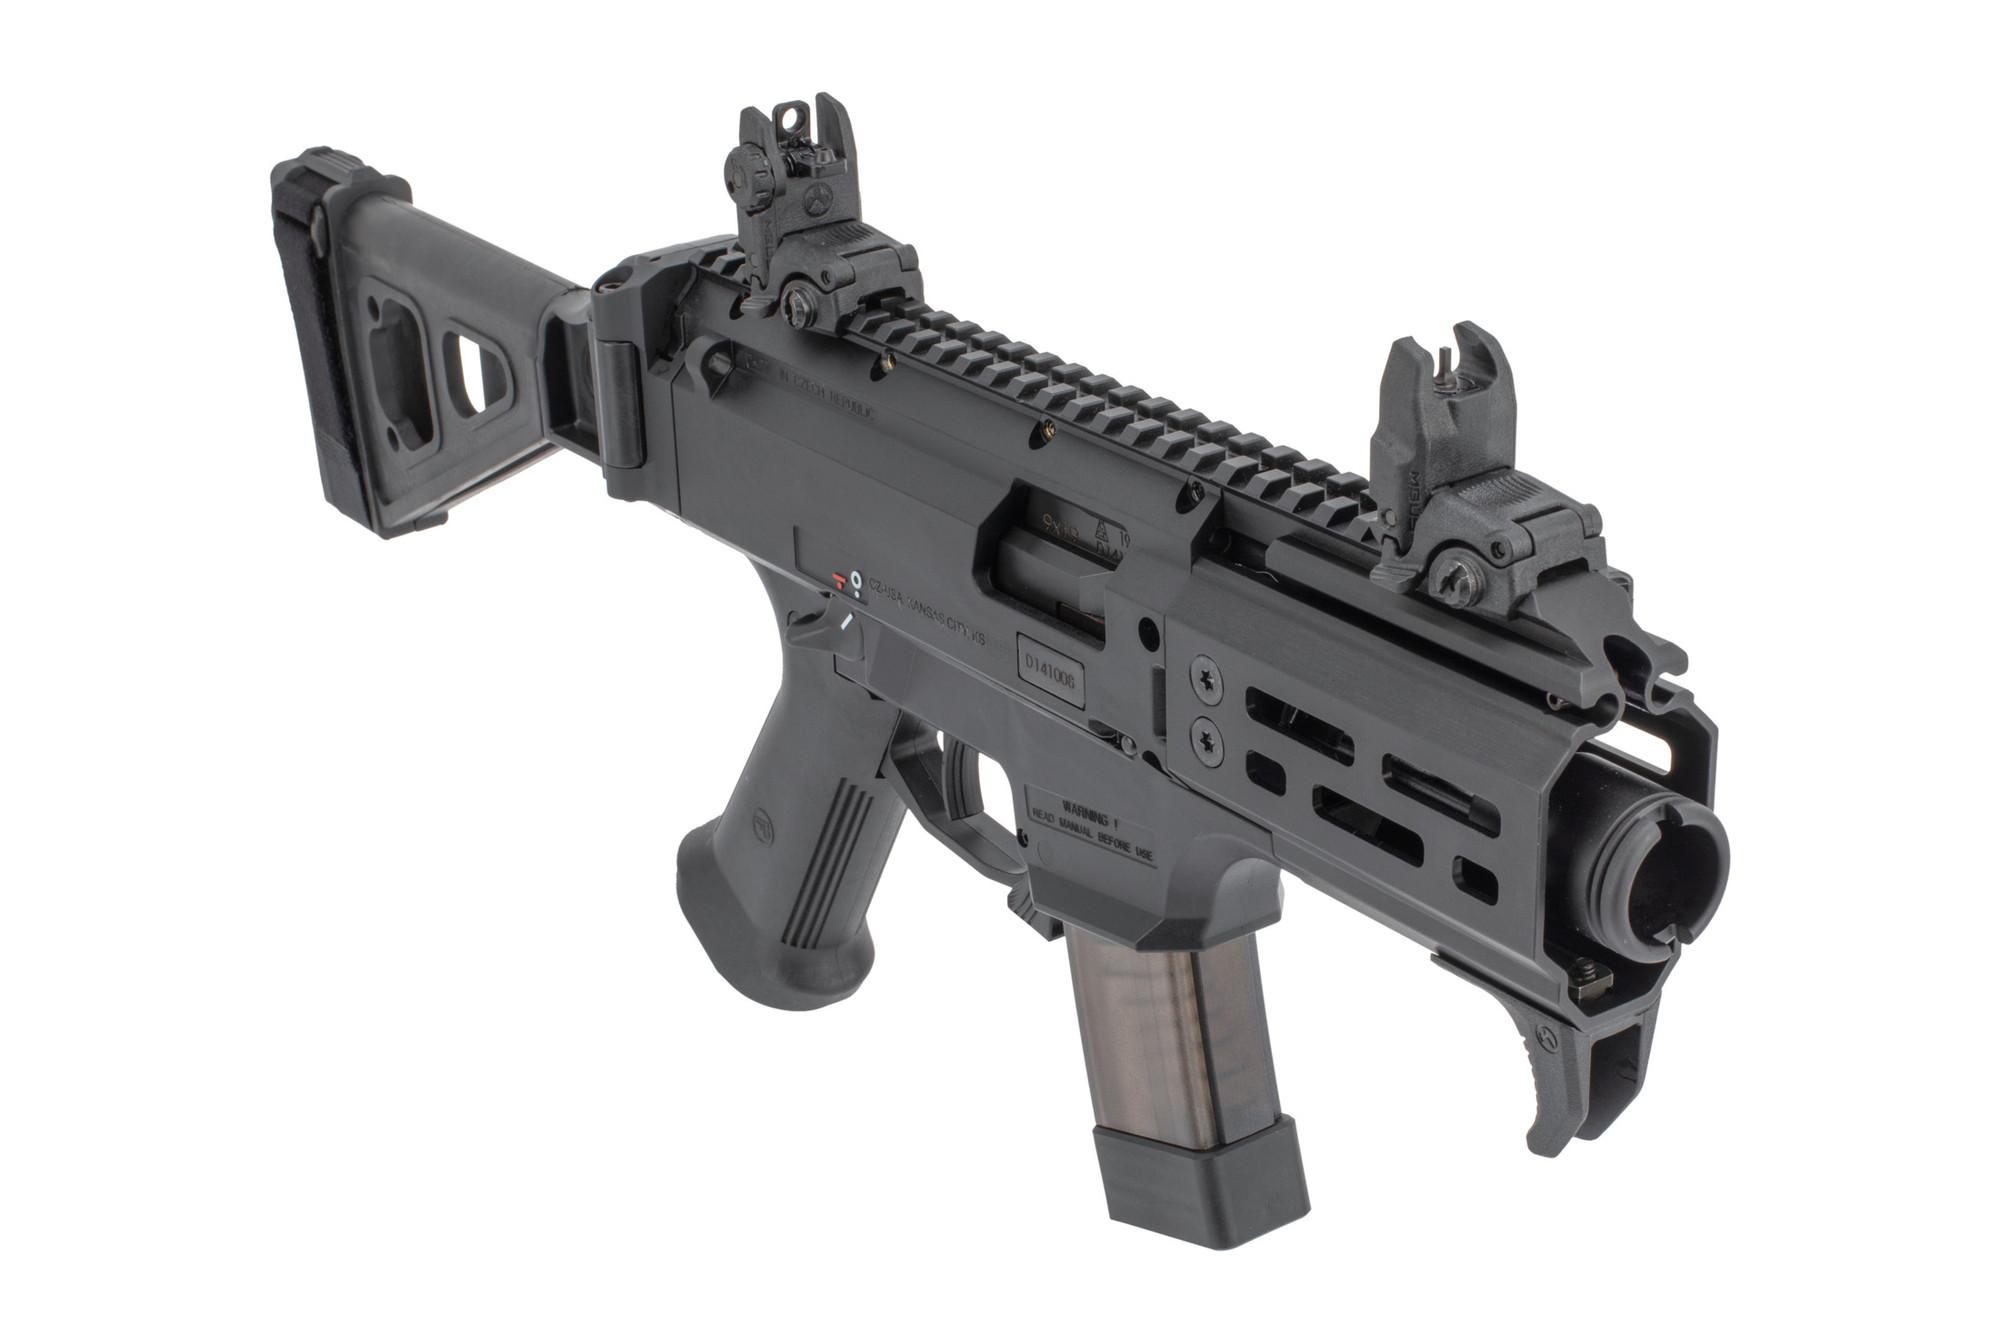 http://n3.datasn.io/data/api/v1/n3_lyz/guns_for_sale/main/image/27/0a/ab/4b/270aab4ba3beb94e01d51c5456a8372fc977dc02.jpg